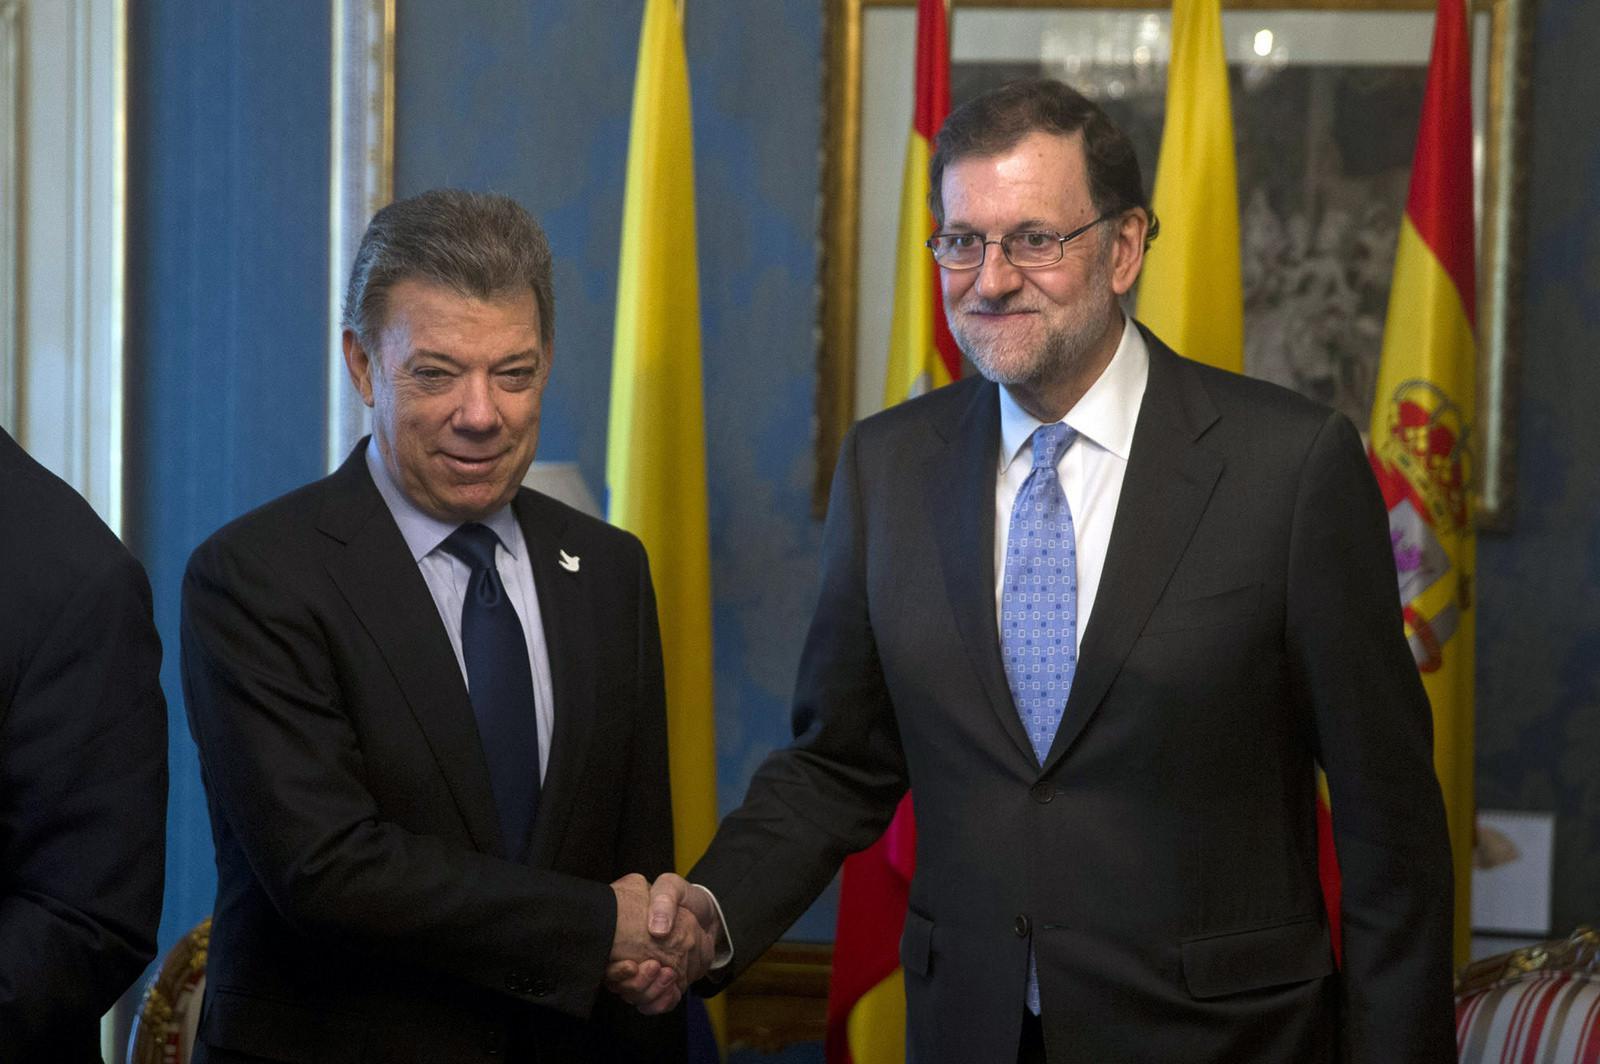 Flickr: La Moncloa – Gobierno de España